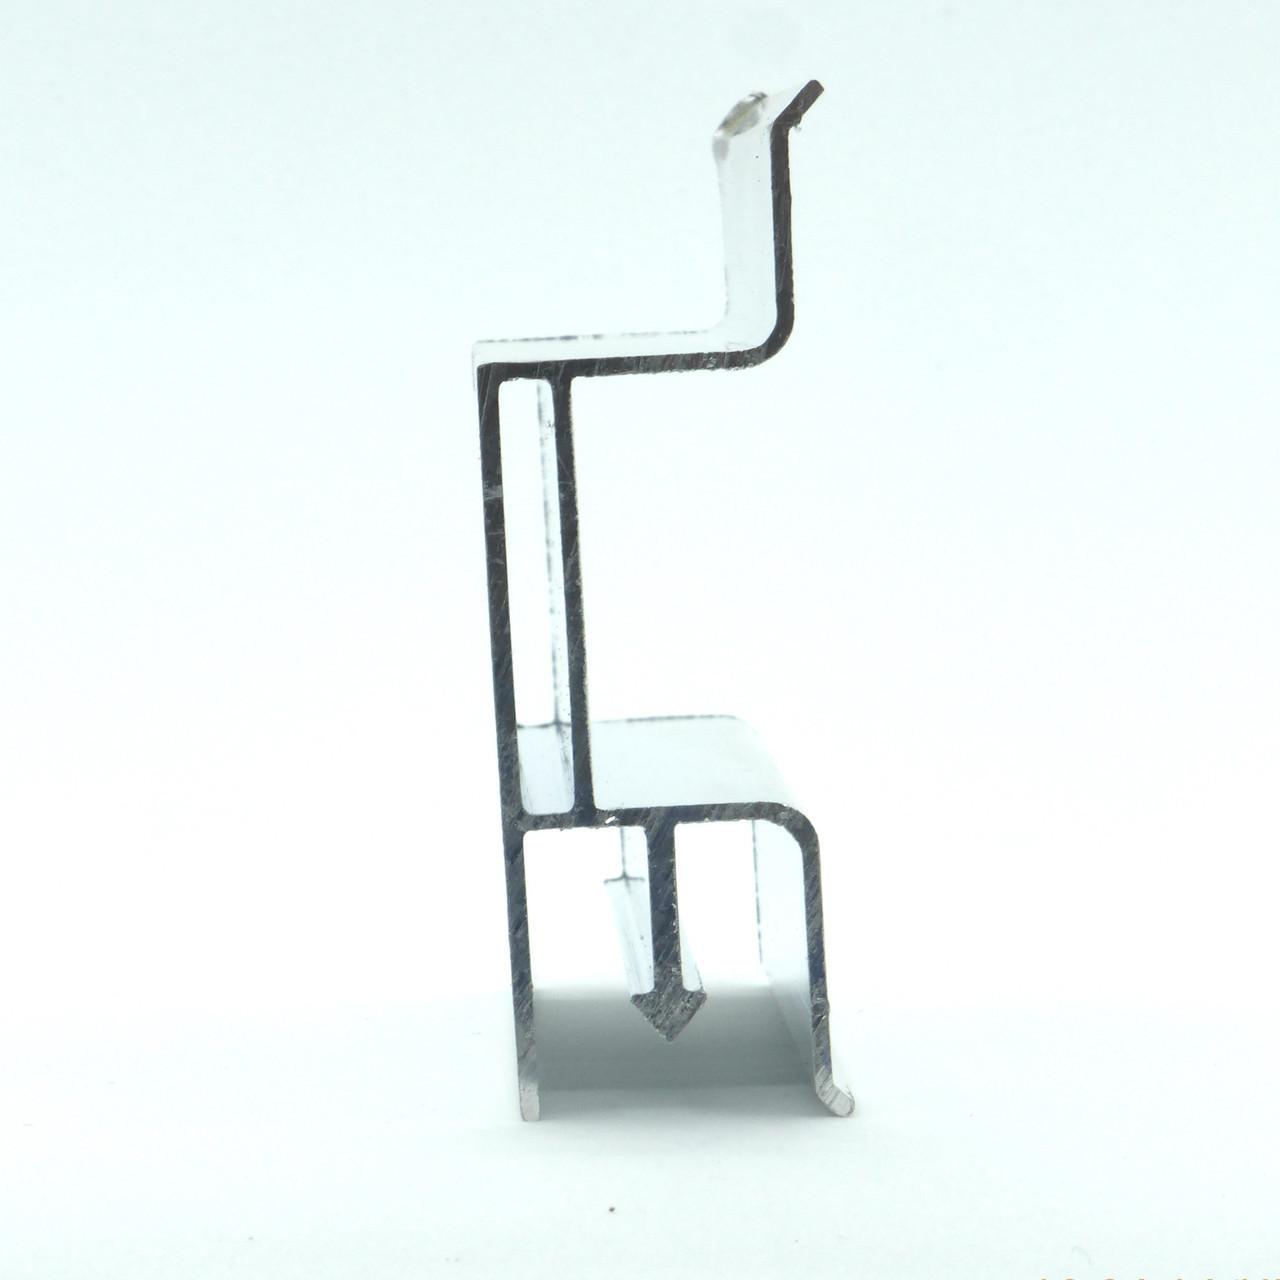 Профиль алюминиевый для натяжных потолков - двухуровневый №1. Длина профиля 2,5 м.